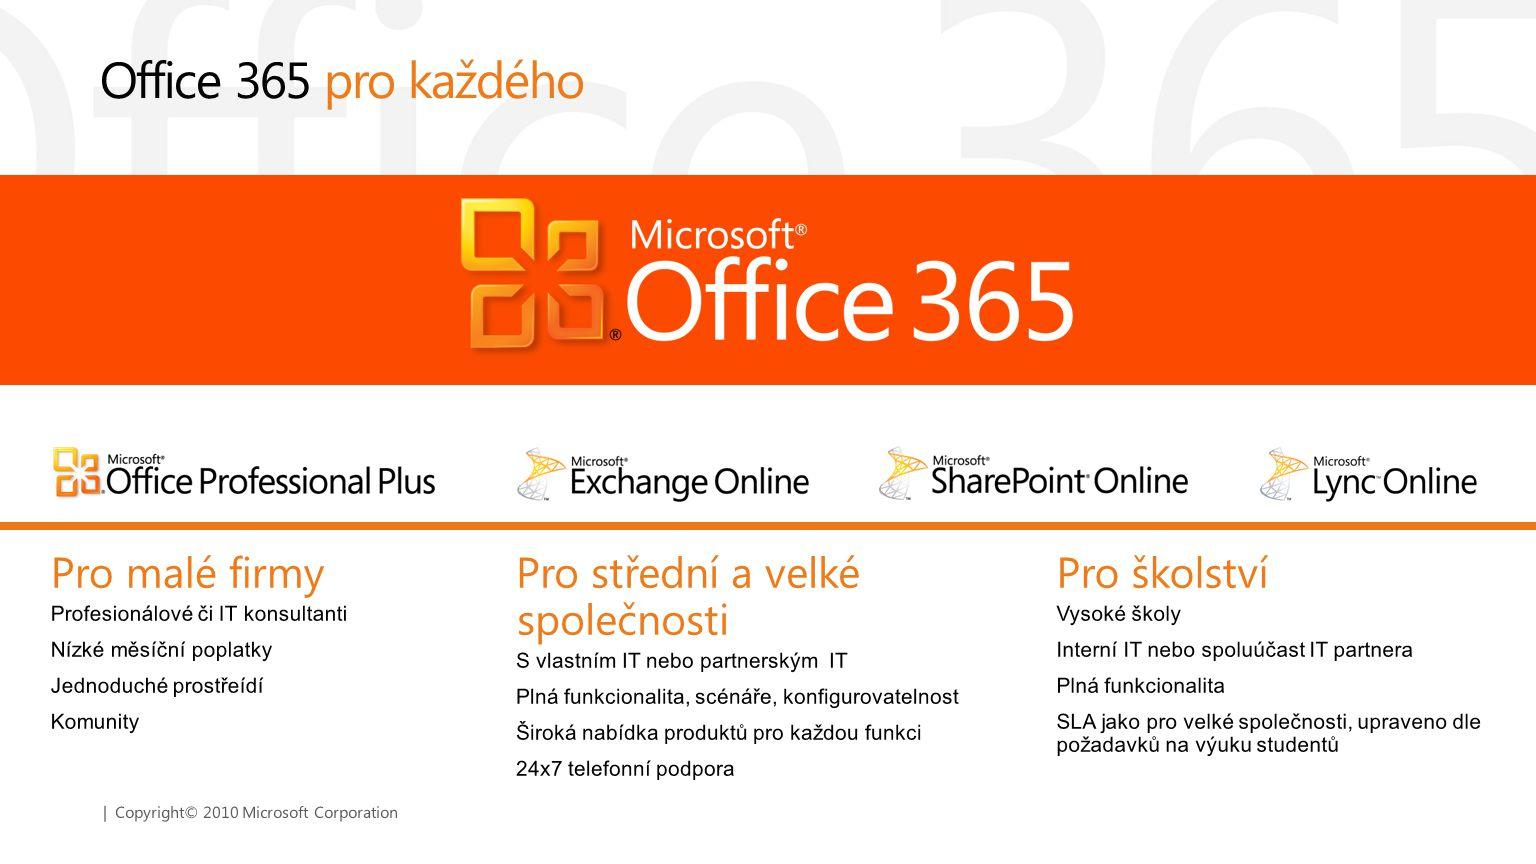 Office 365 pro každého Pro malé firmy Pro střední a velké společnosti